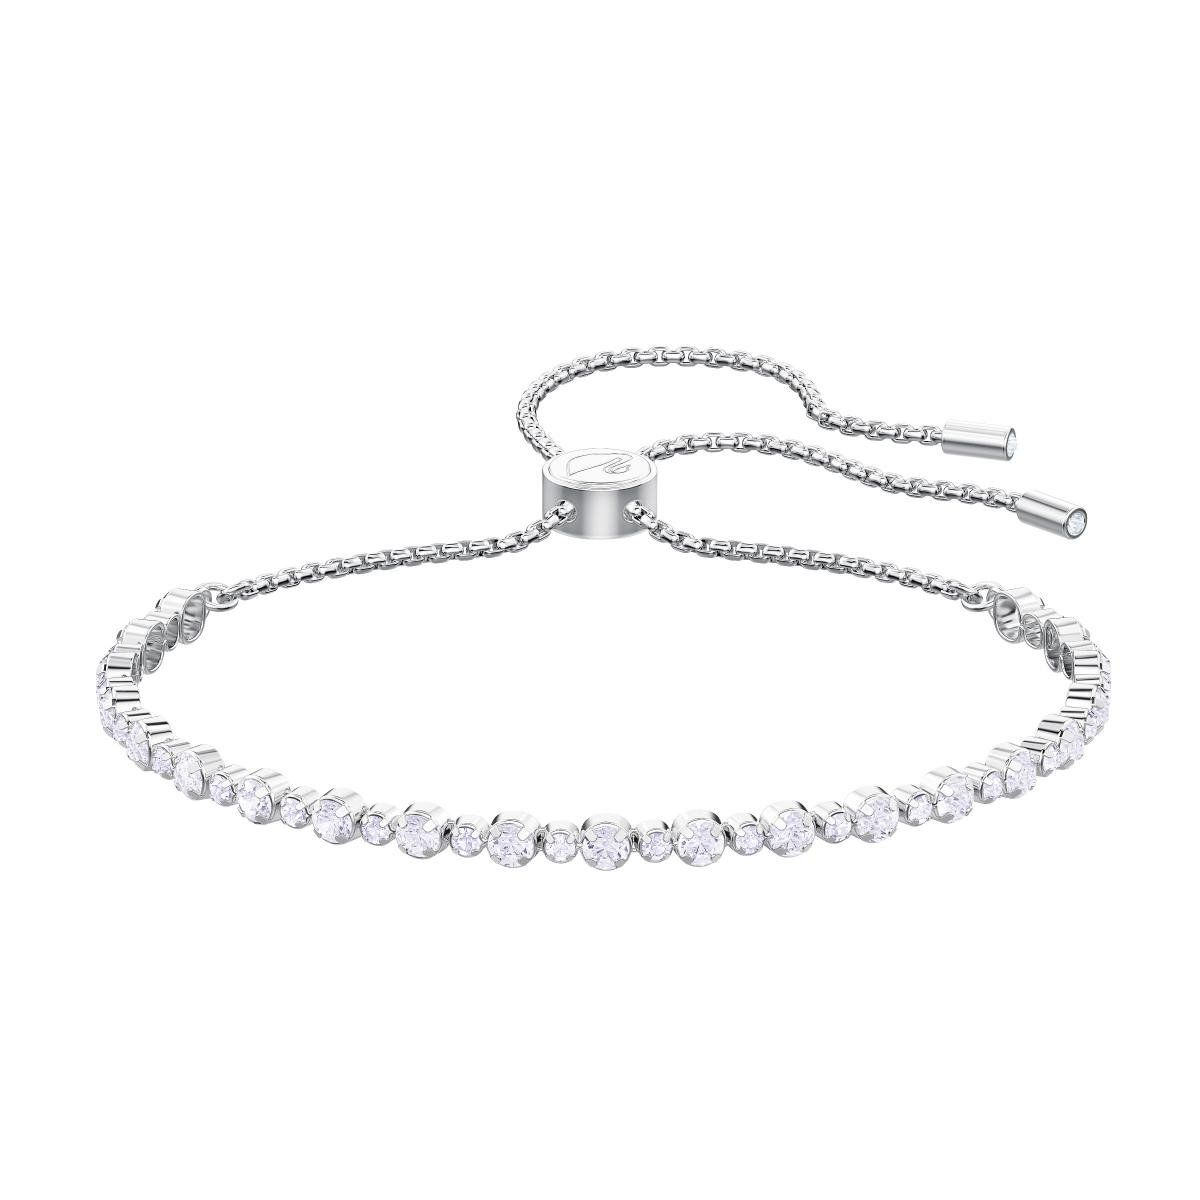 Bracelet Swarovski 5465384 - Bracelet Timeless Elegance Argenté Cristaux  Ajustable Femme